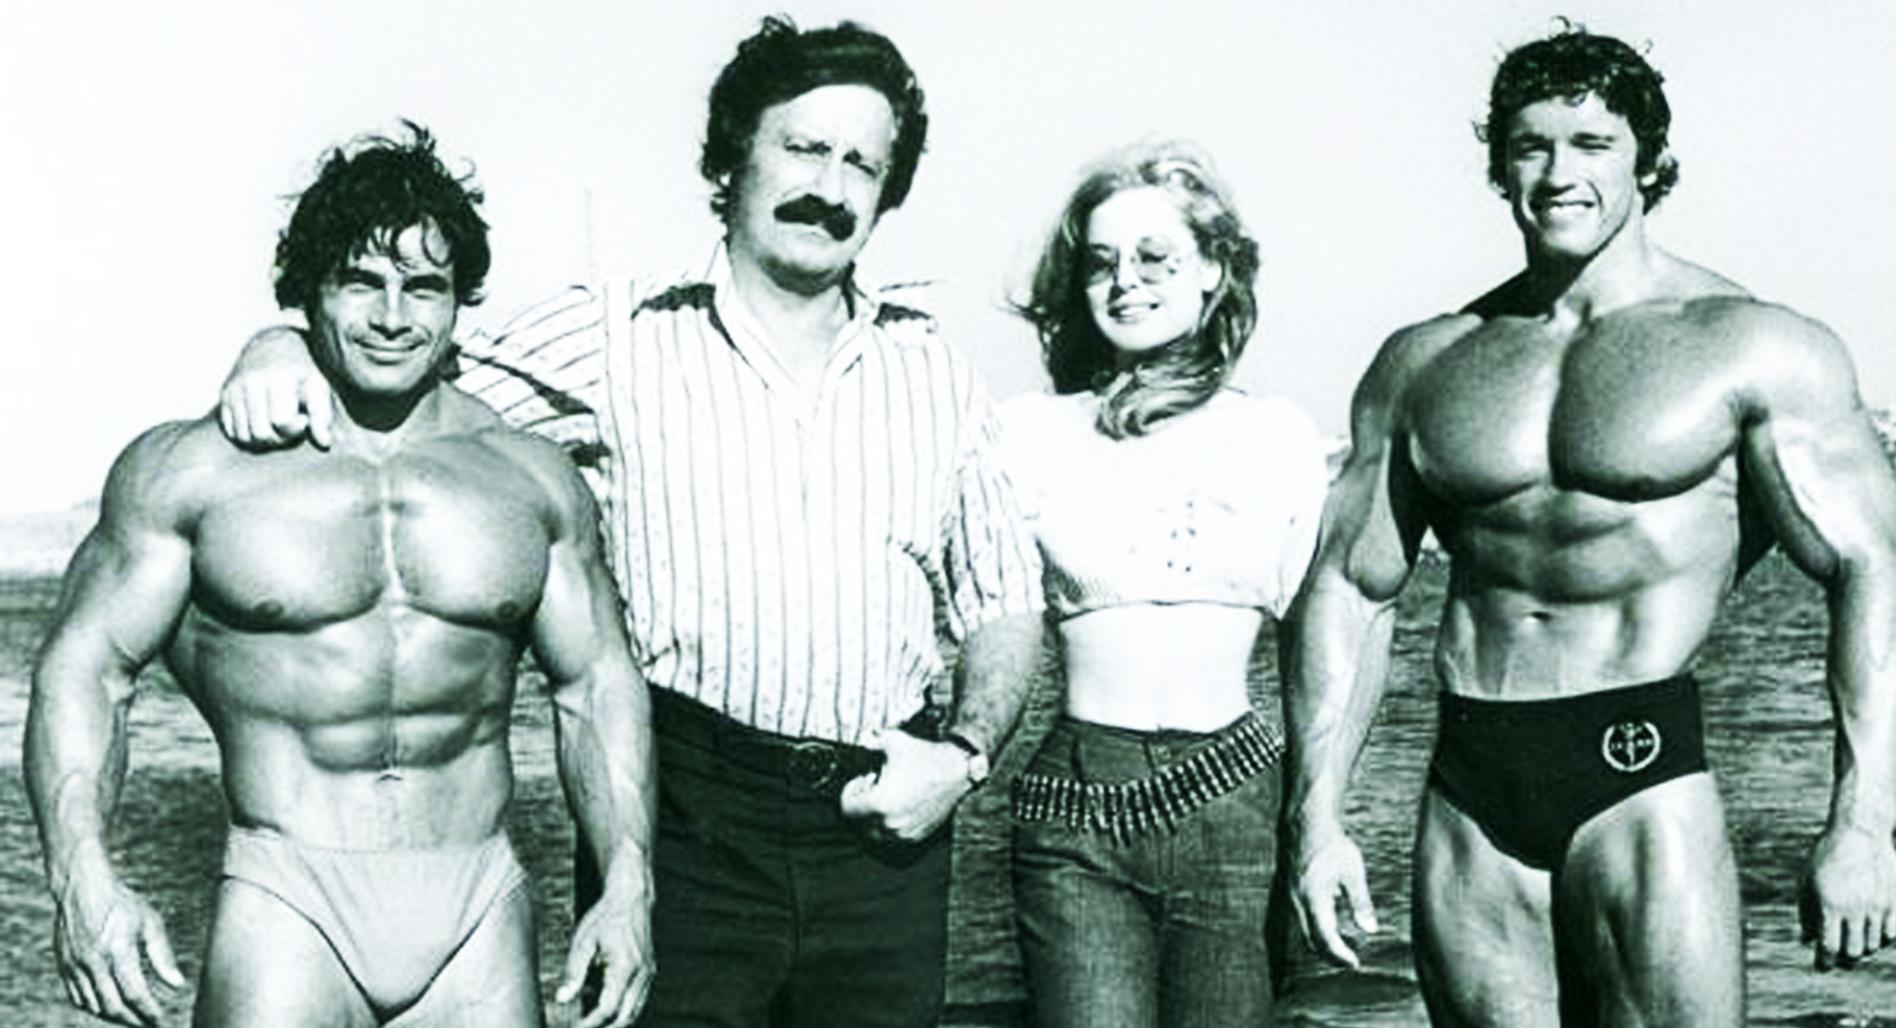 Classic forgotten photos: Muscle Beach